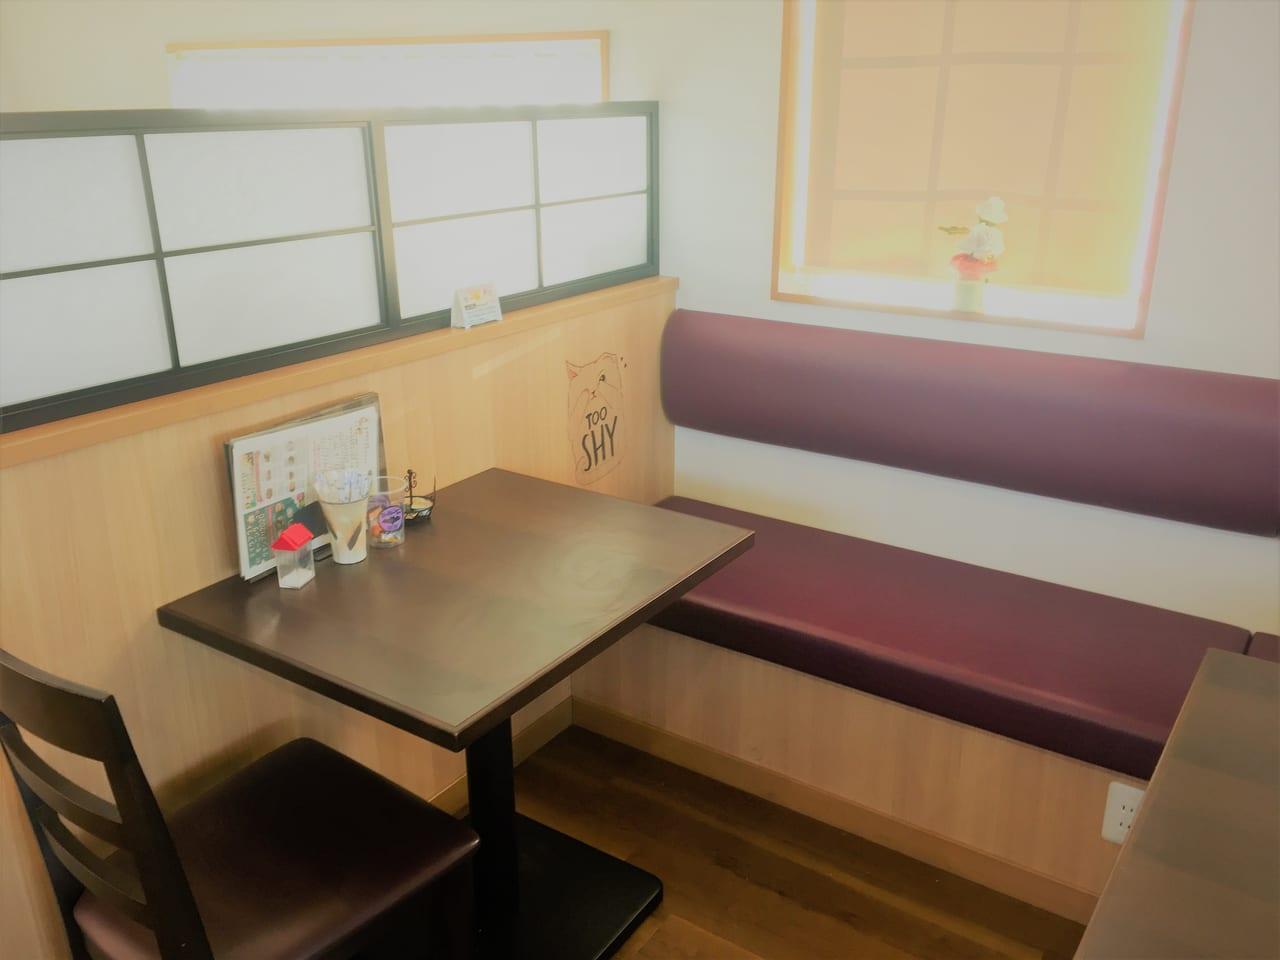 幸せ行きのカフェの座席